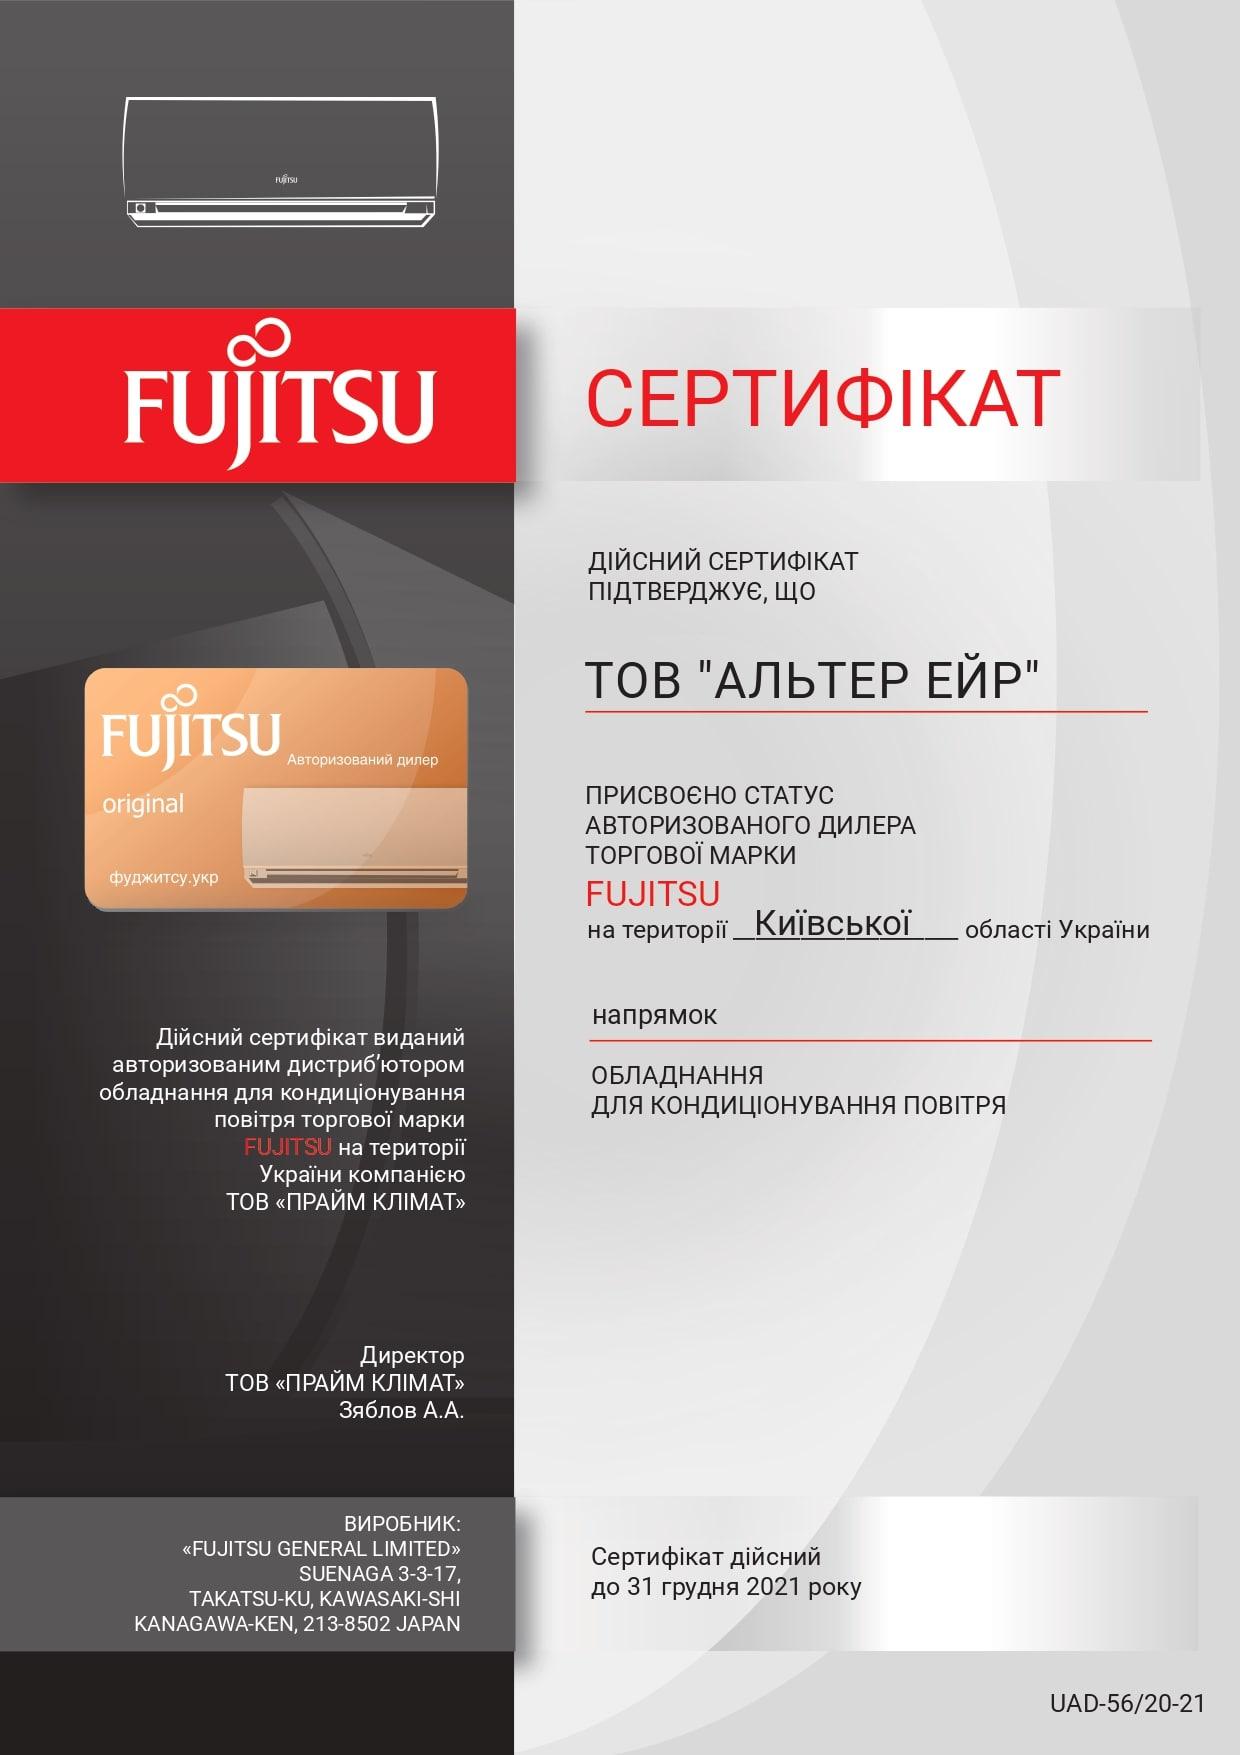 Сертификат официального дилера Fujitsu